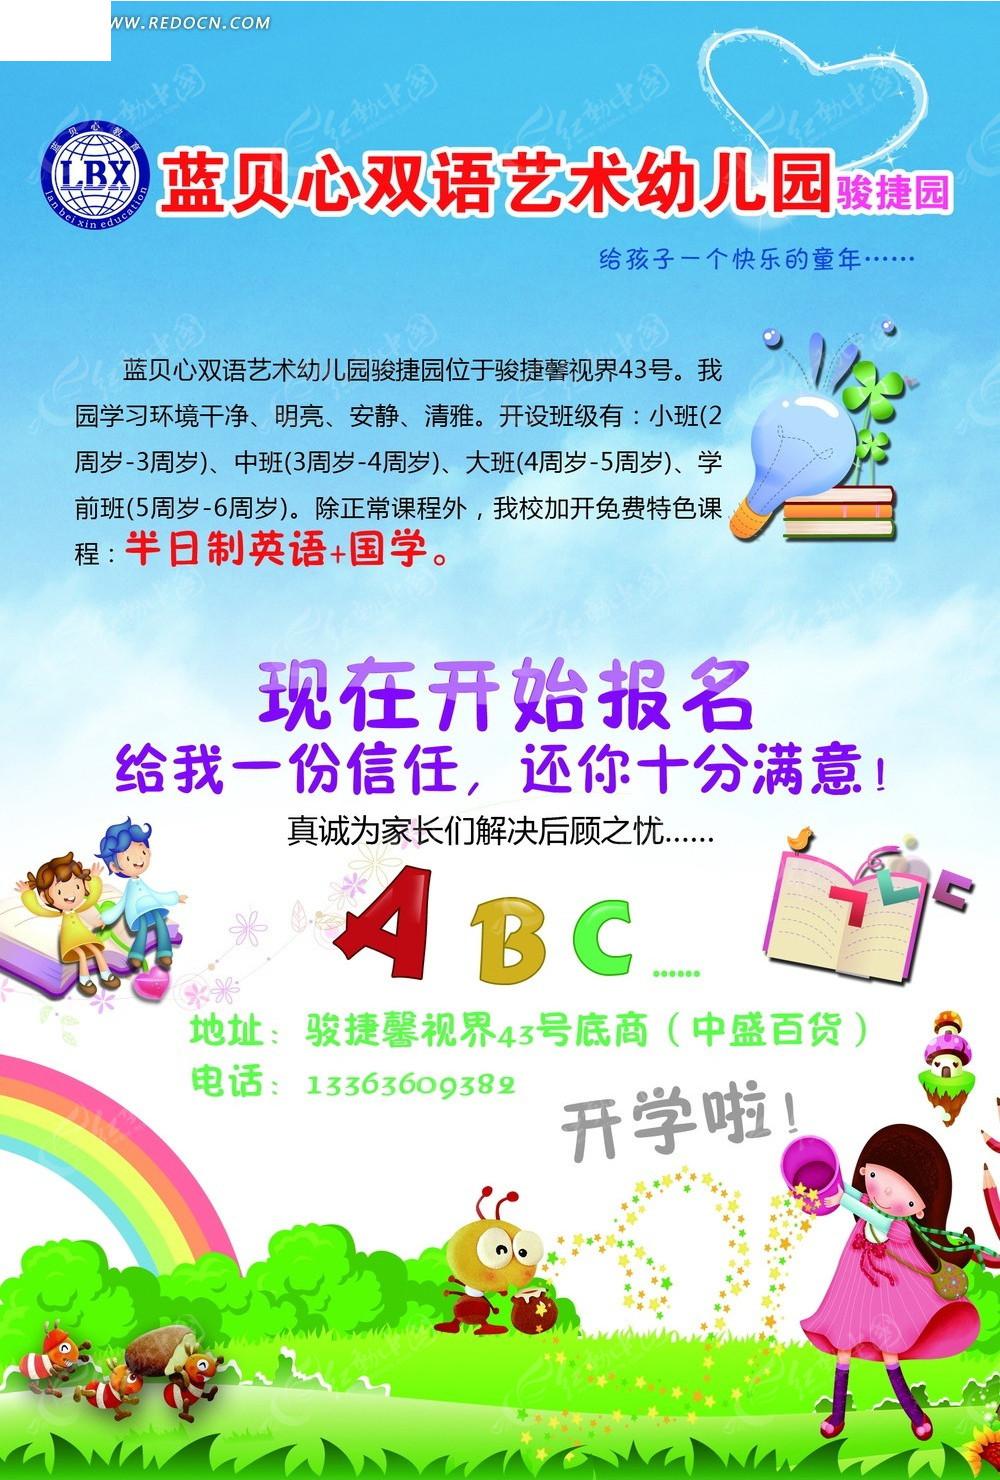 幼儿园开学季活动宣传海报